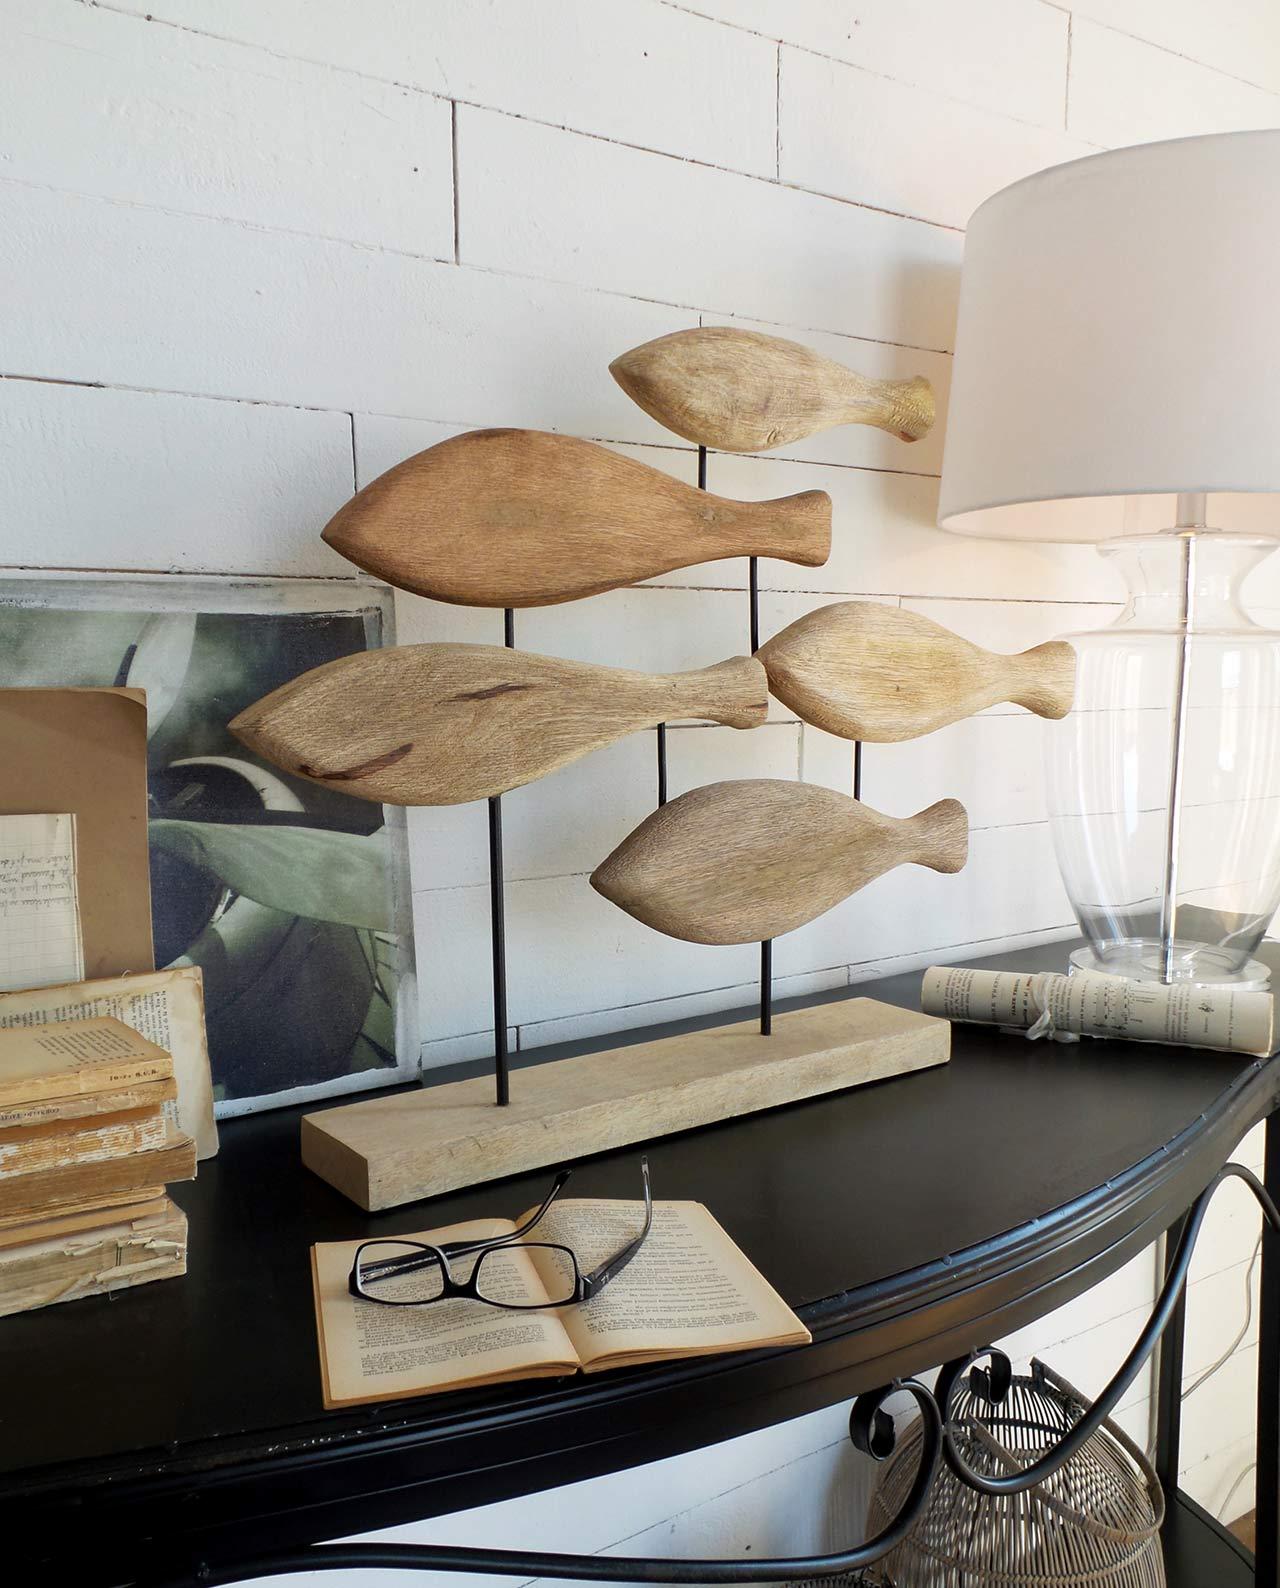 Soprammobili decorativi pesci legno tema mare - Soprammobili design ...